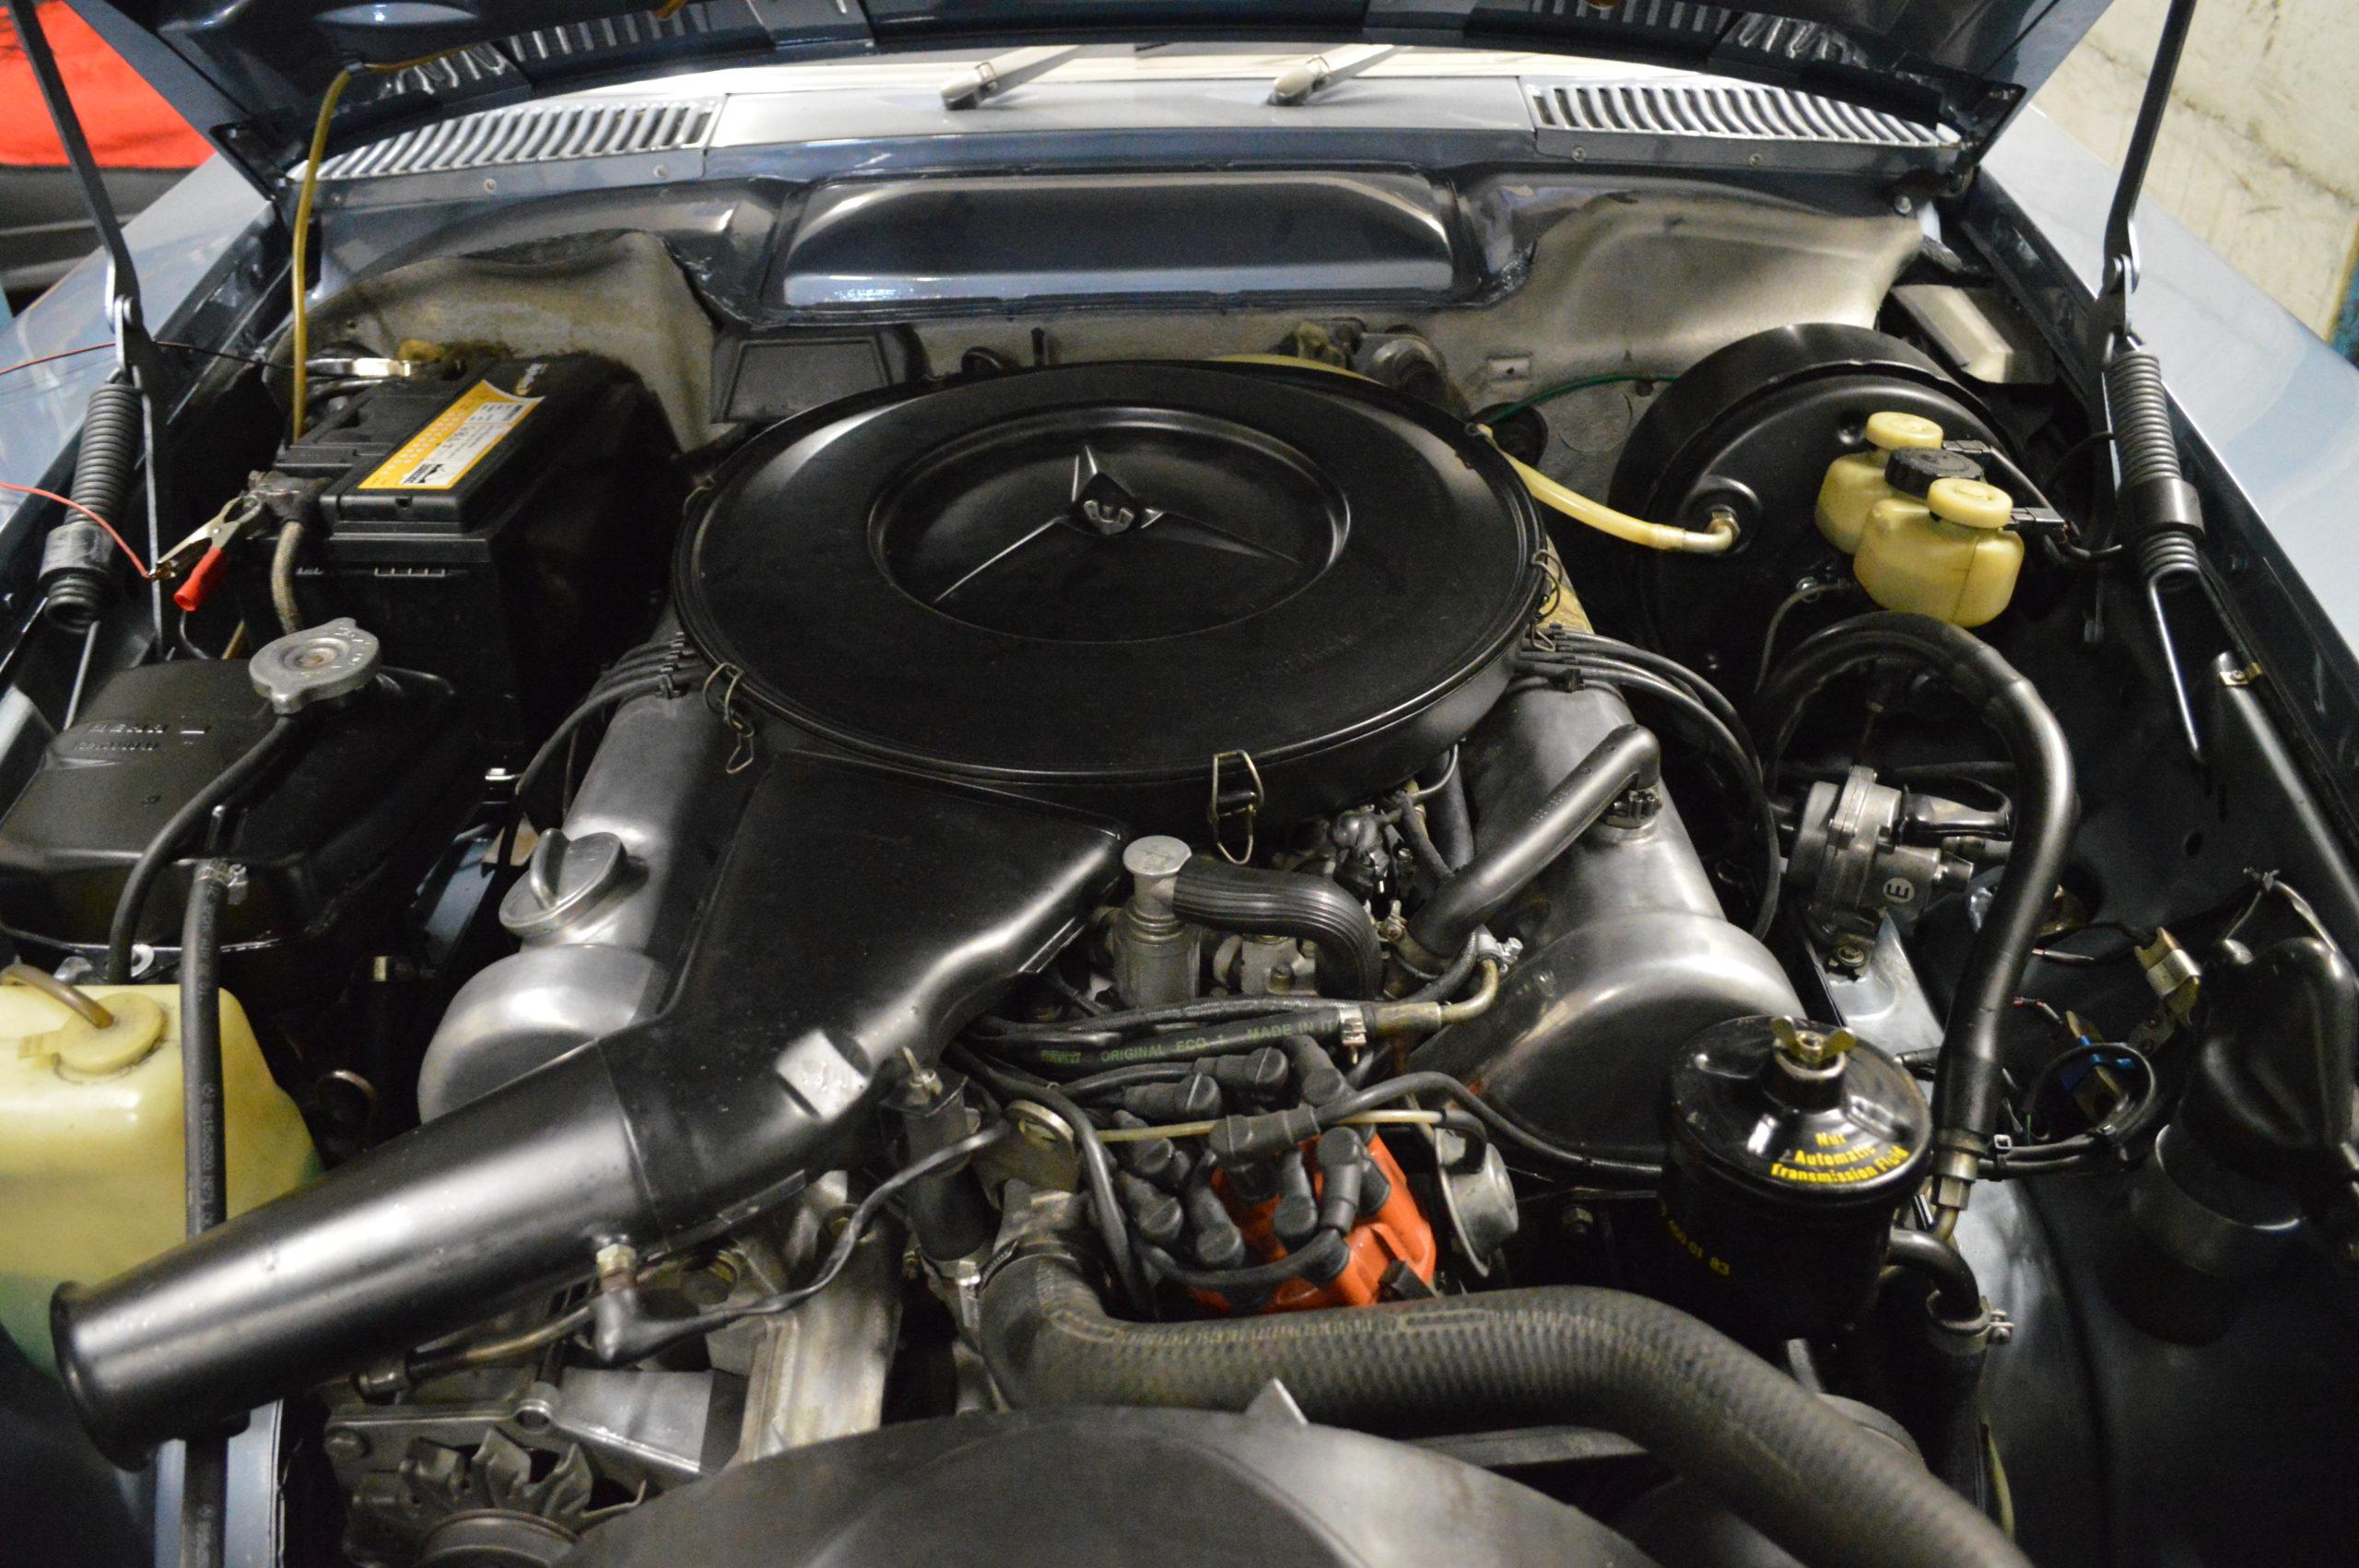 MB 350 SL Motor eingebaut